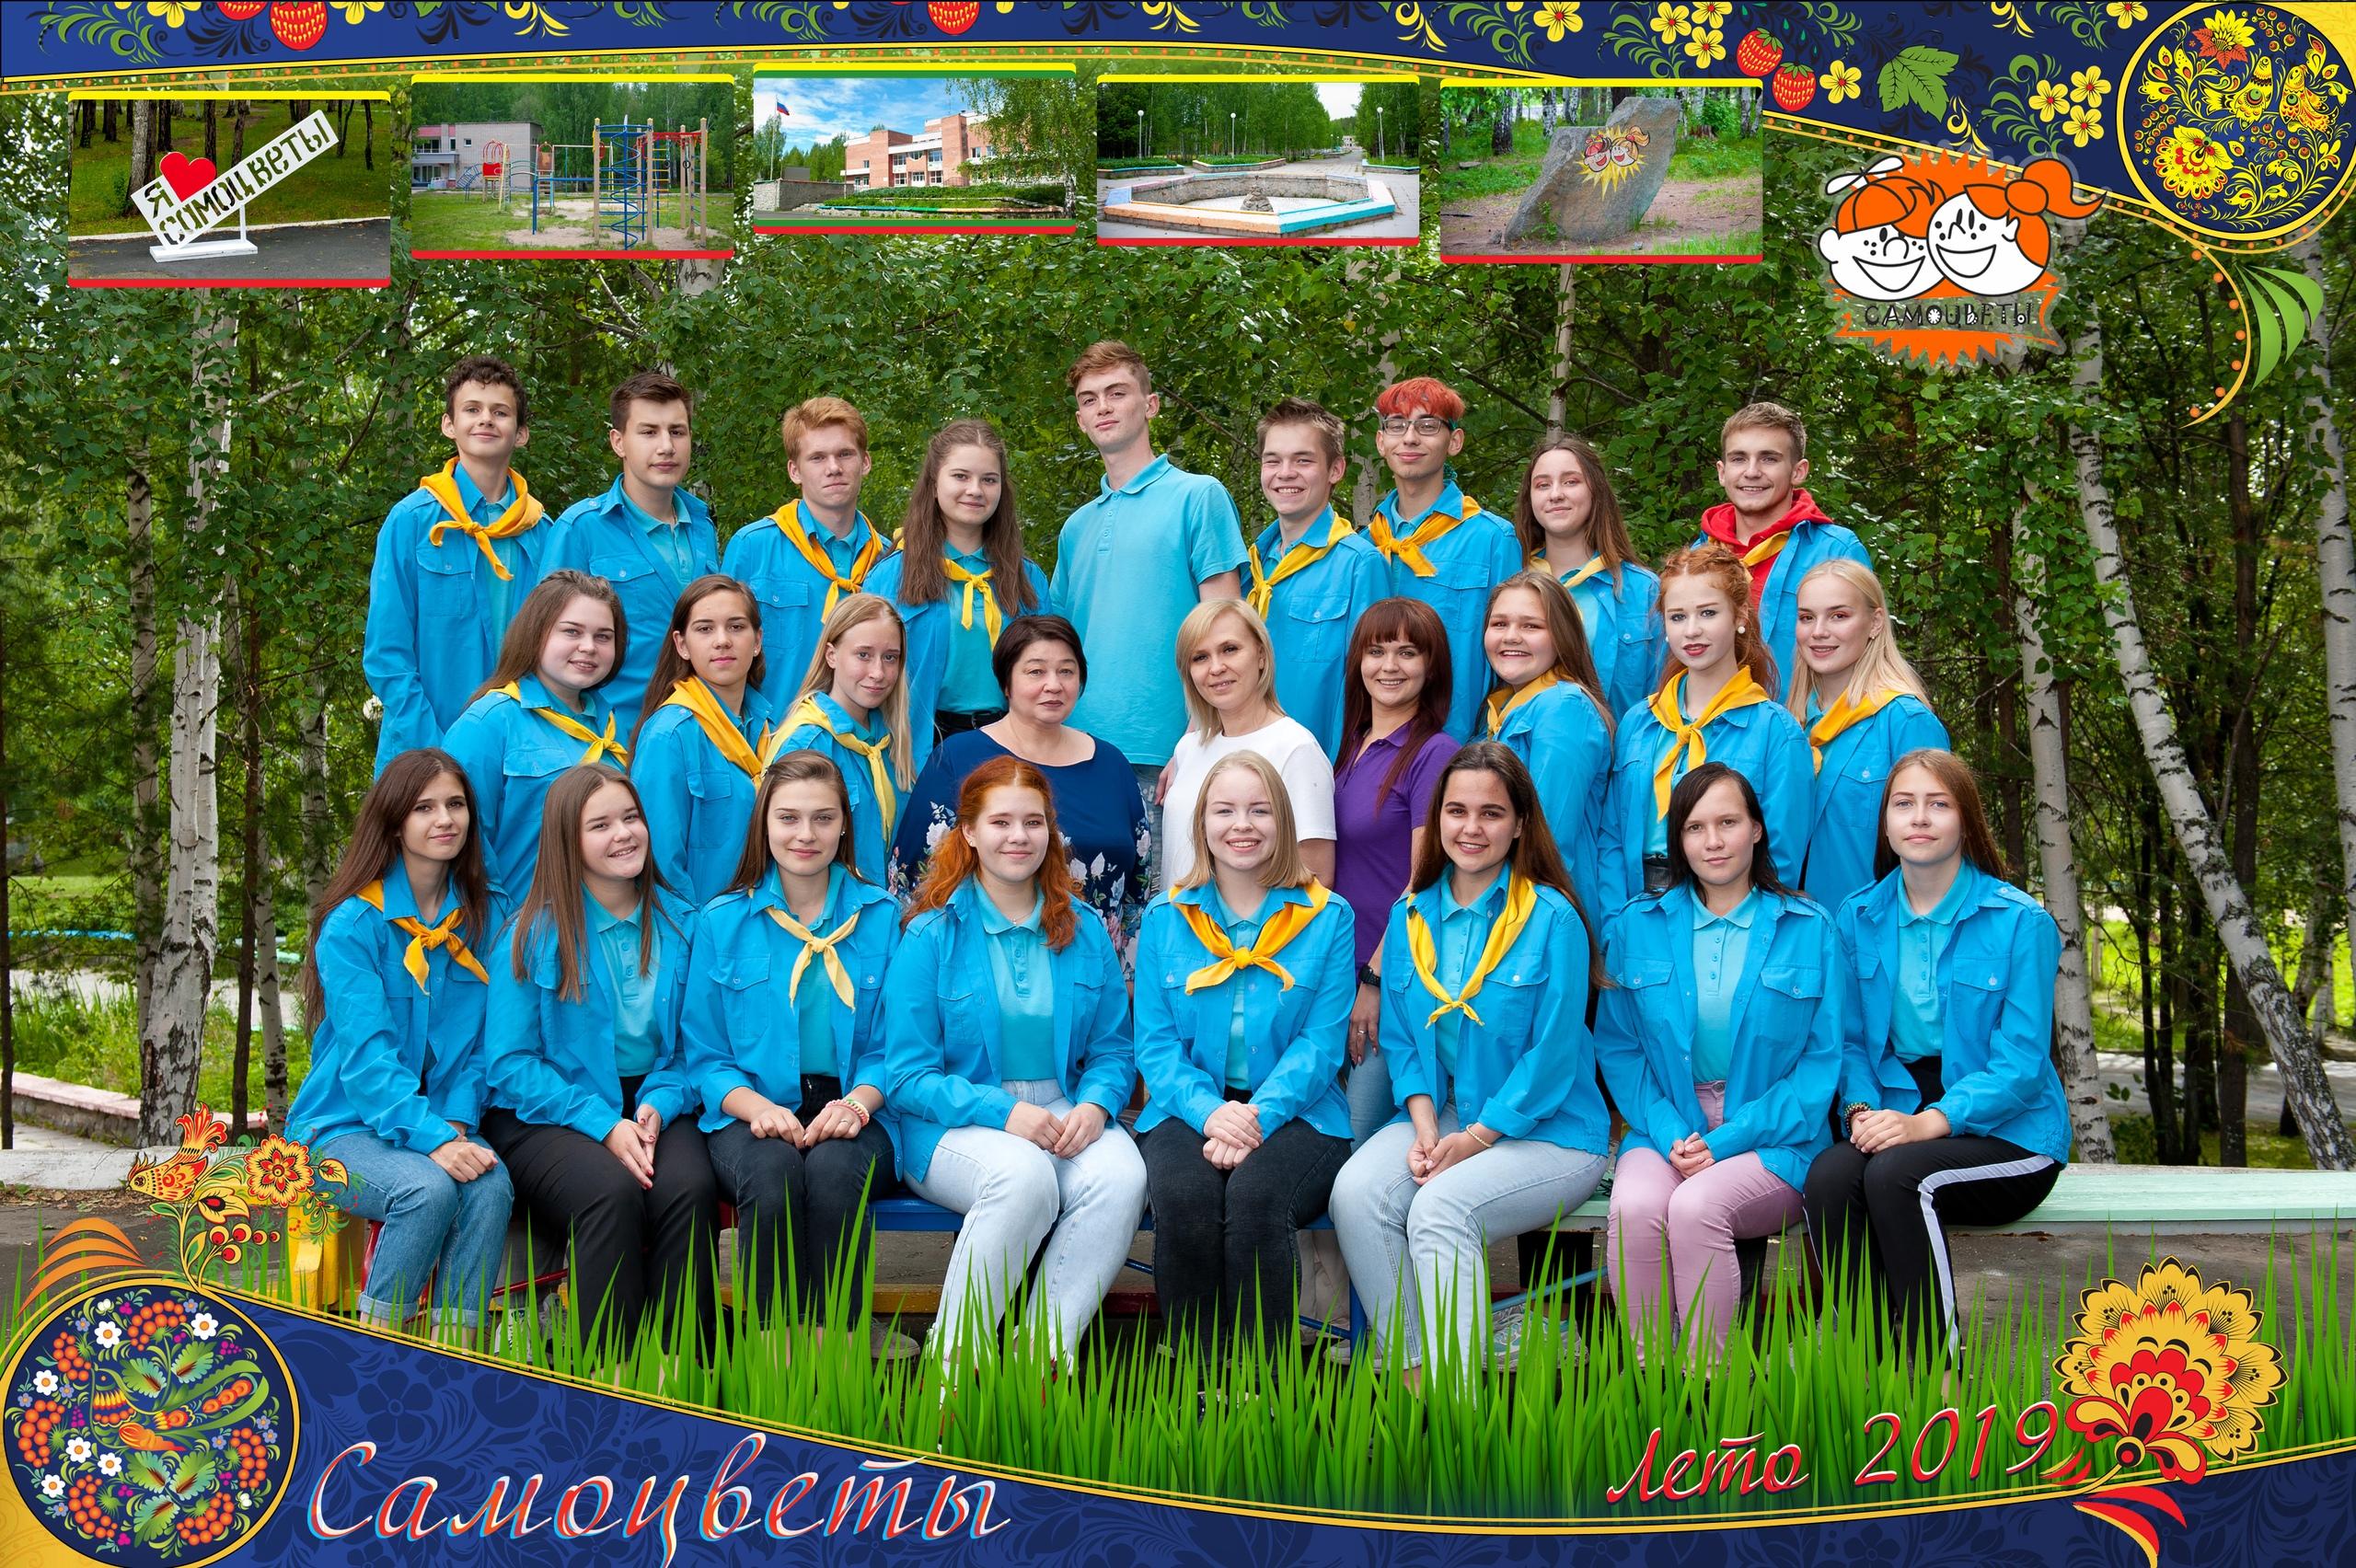 «Самоцветы» - один из лучших лагерей Свердловской области